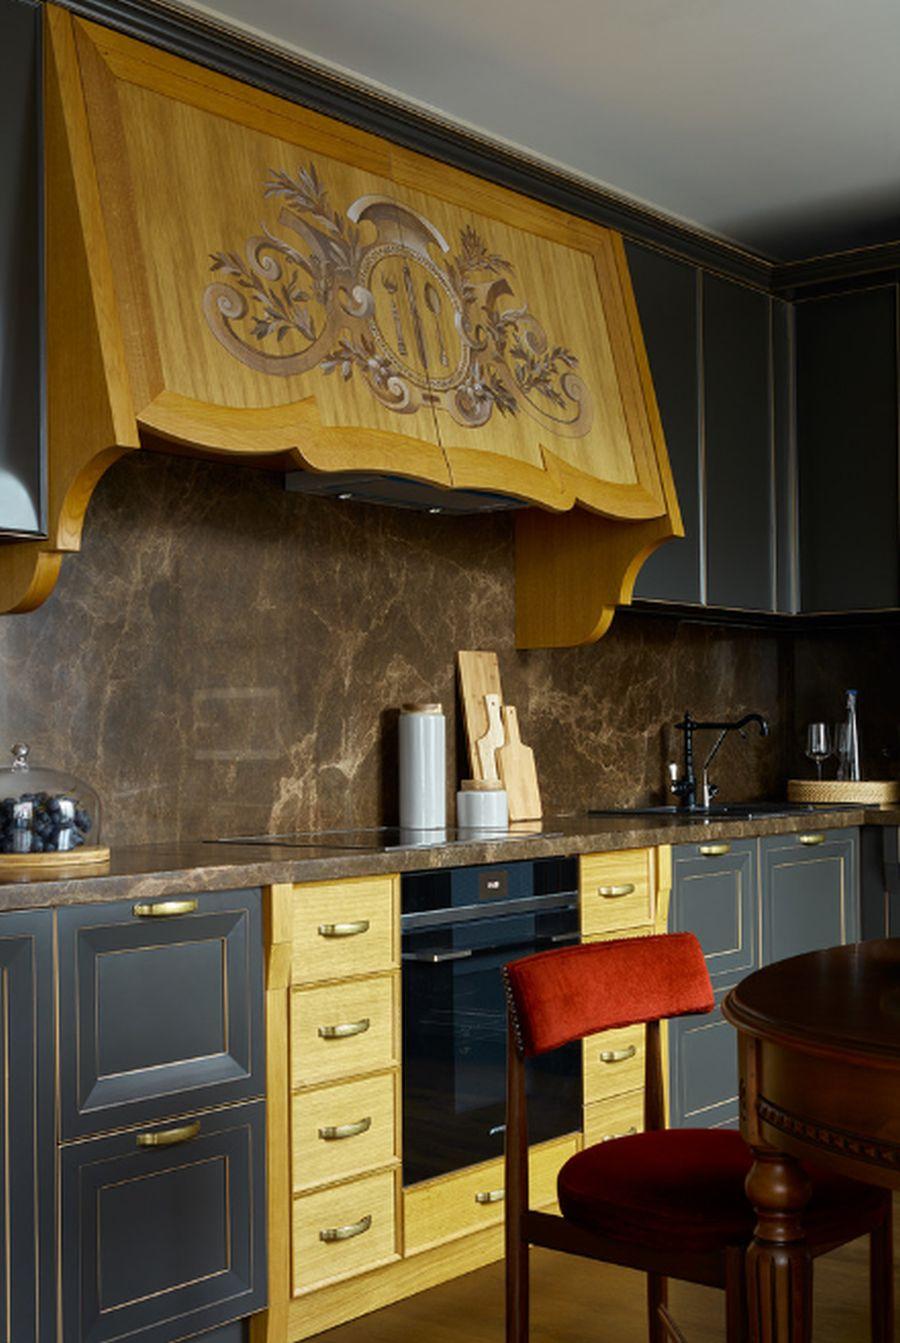 adelaparvu.com despre apartament de 93 mp,Moscova, Design Valery Belousov, Valery Design, Foto Sergey Ananiev (20)